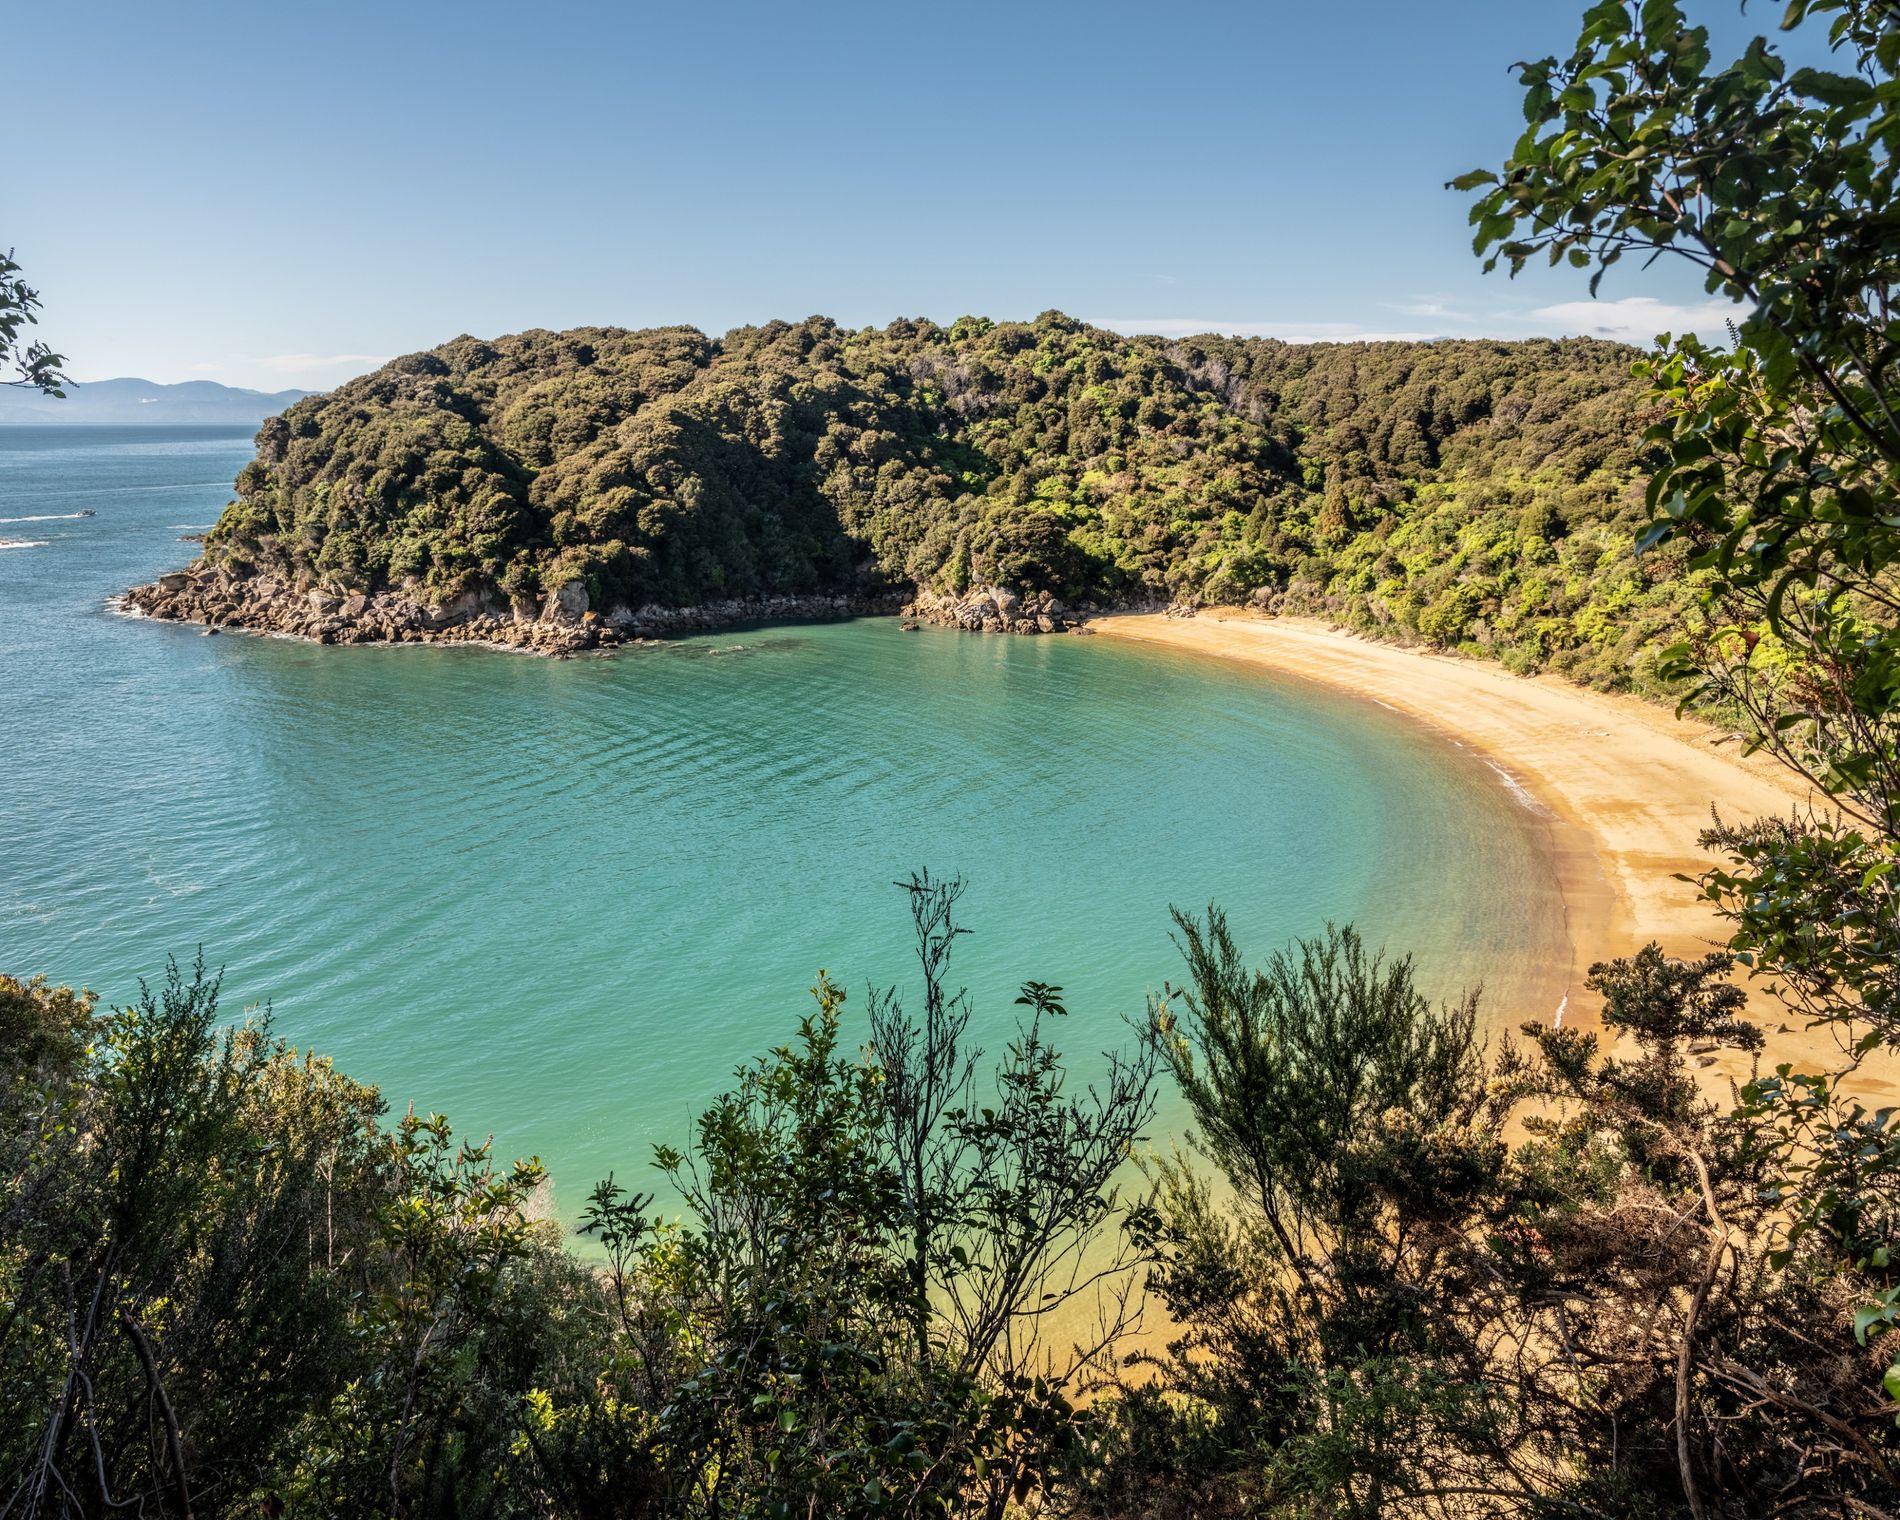 praia de areia fina recebe os visitantes do Parque Nacional Abel Tasman